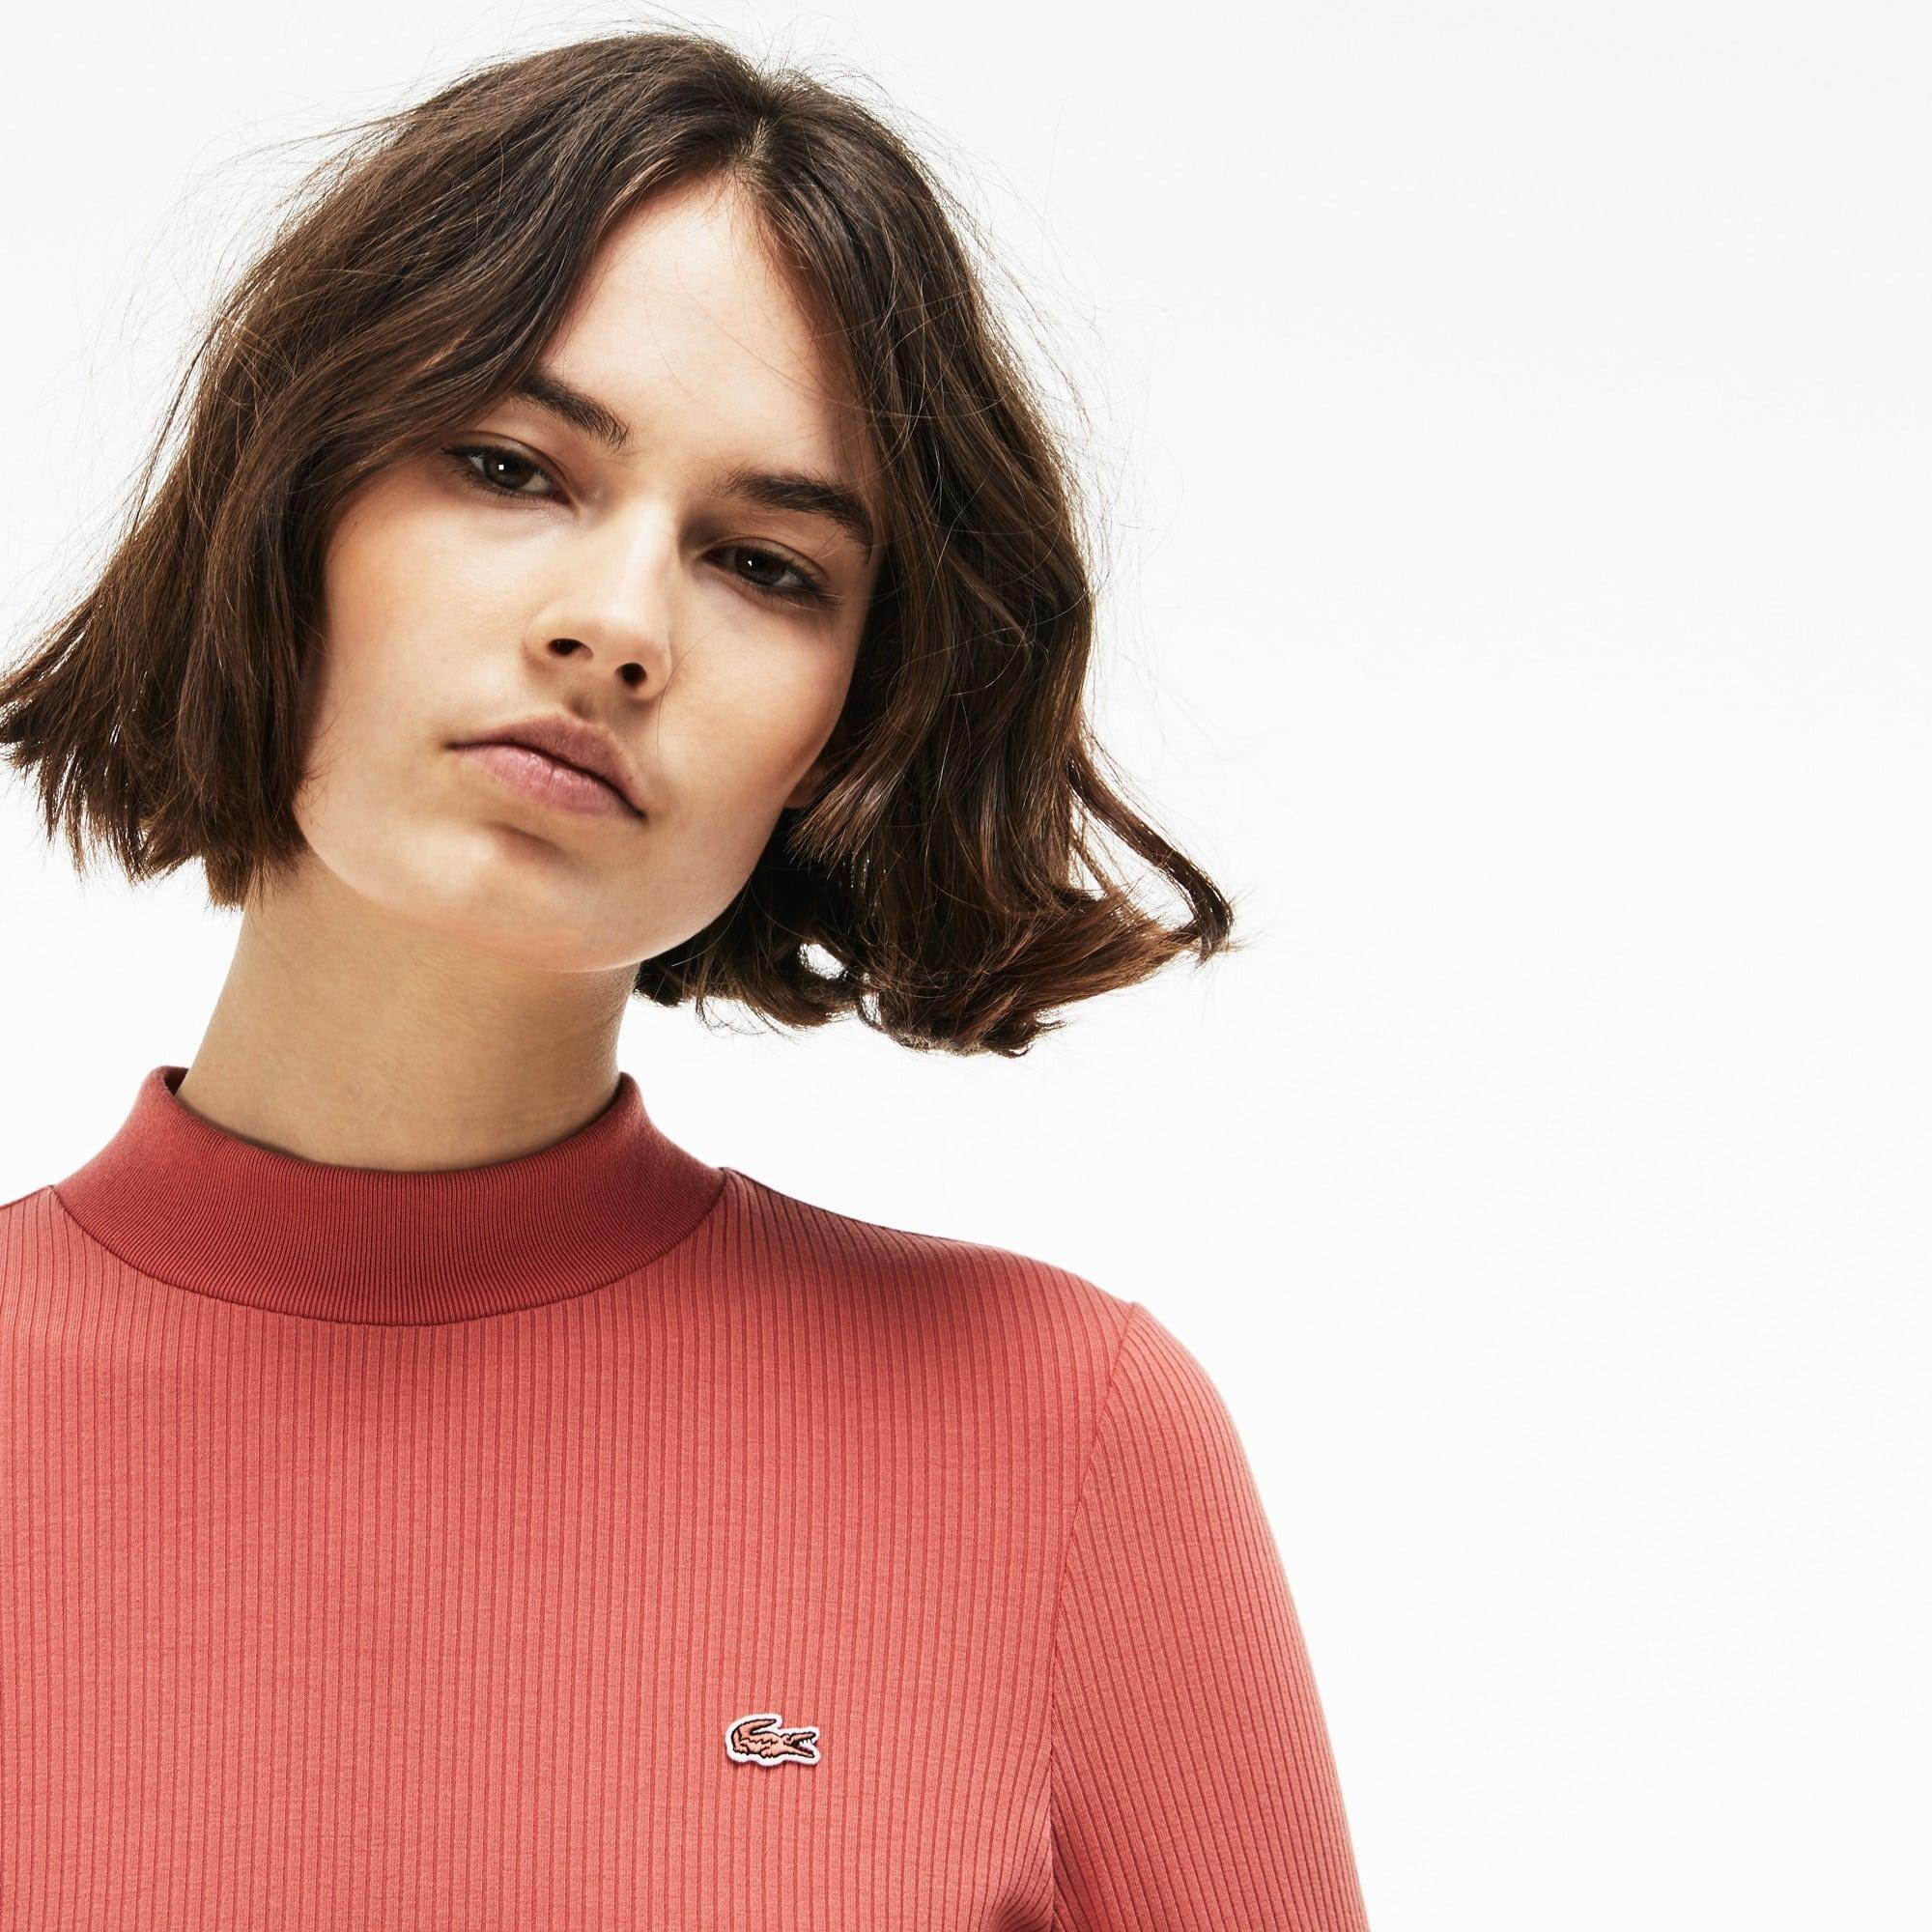 Damen-T-Shirt aus gerippter Baumwolle mit Stehkragen LACOSTE L!VE